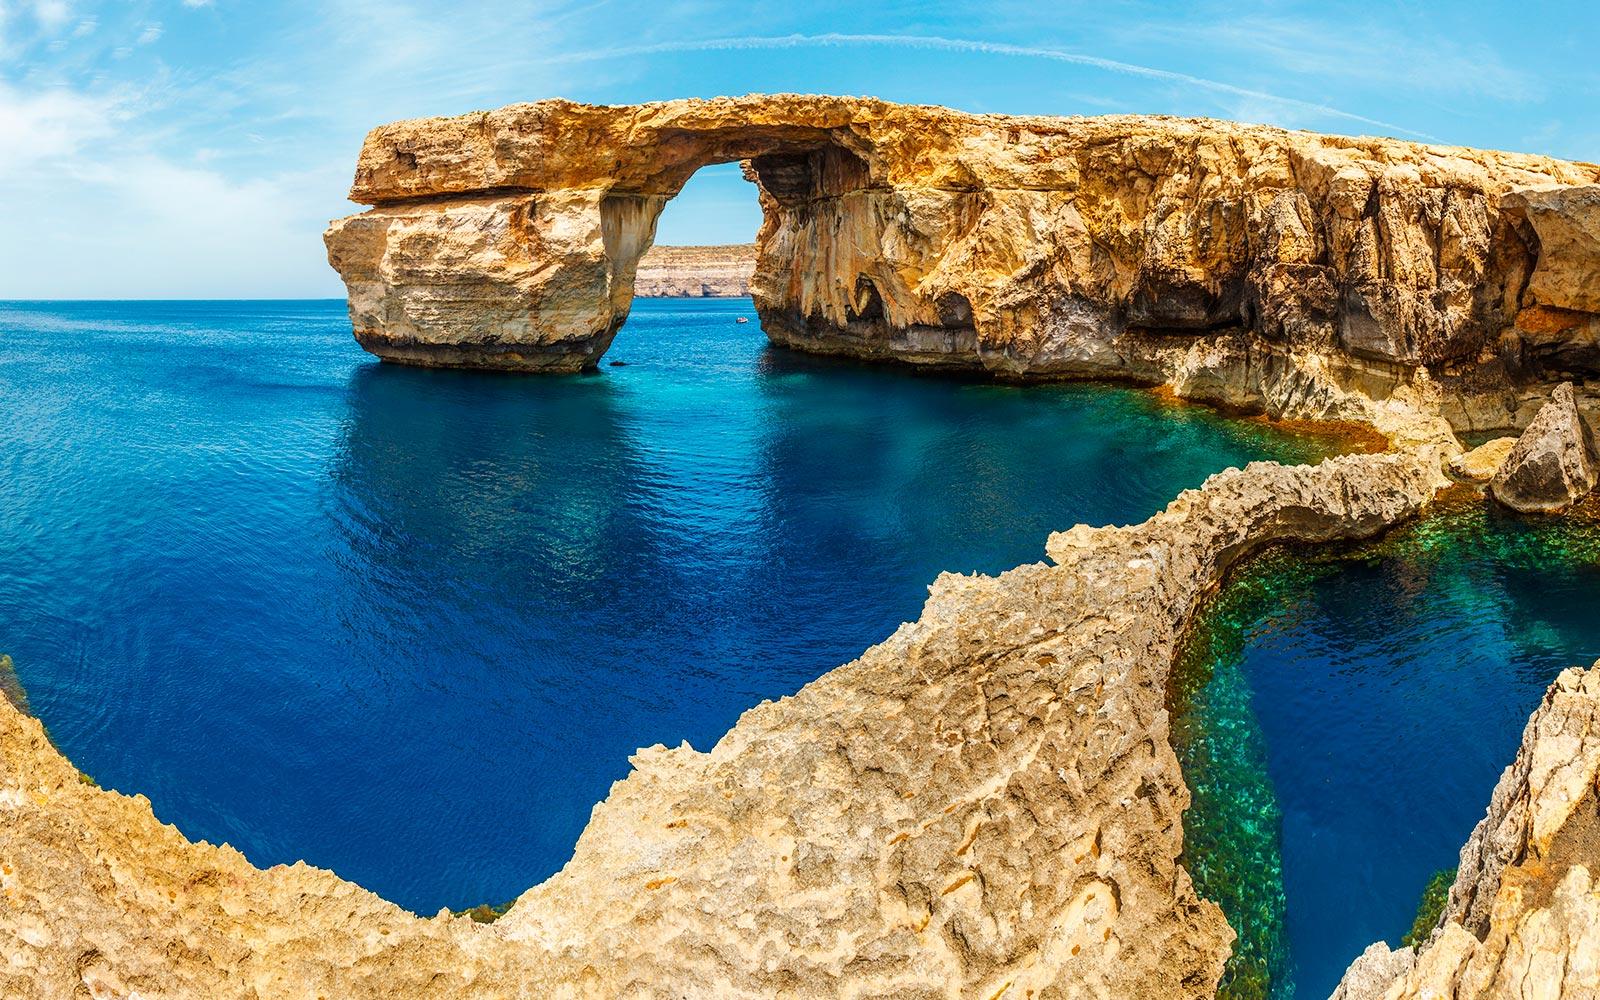 malta-gozo-in-comino-raj-v-srcu-sredozem-secret-world